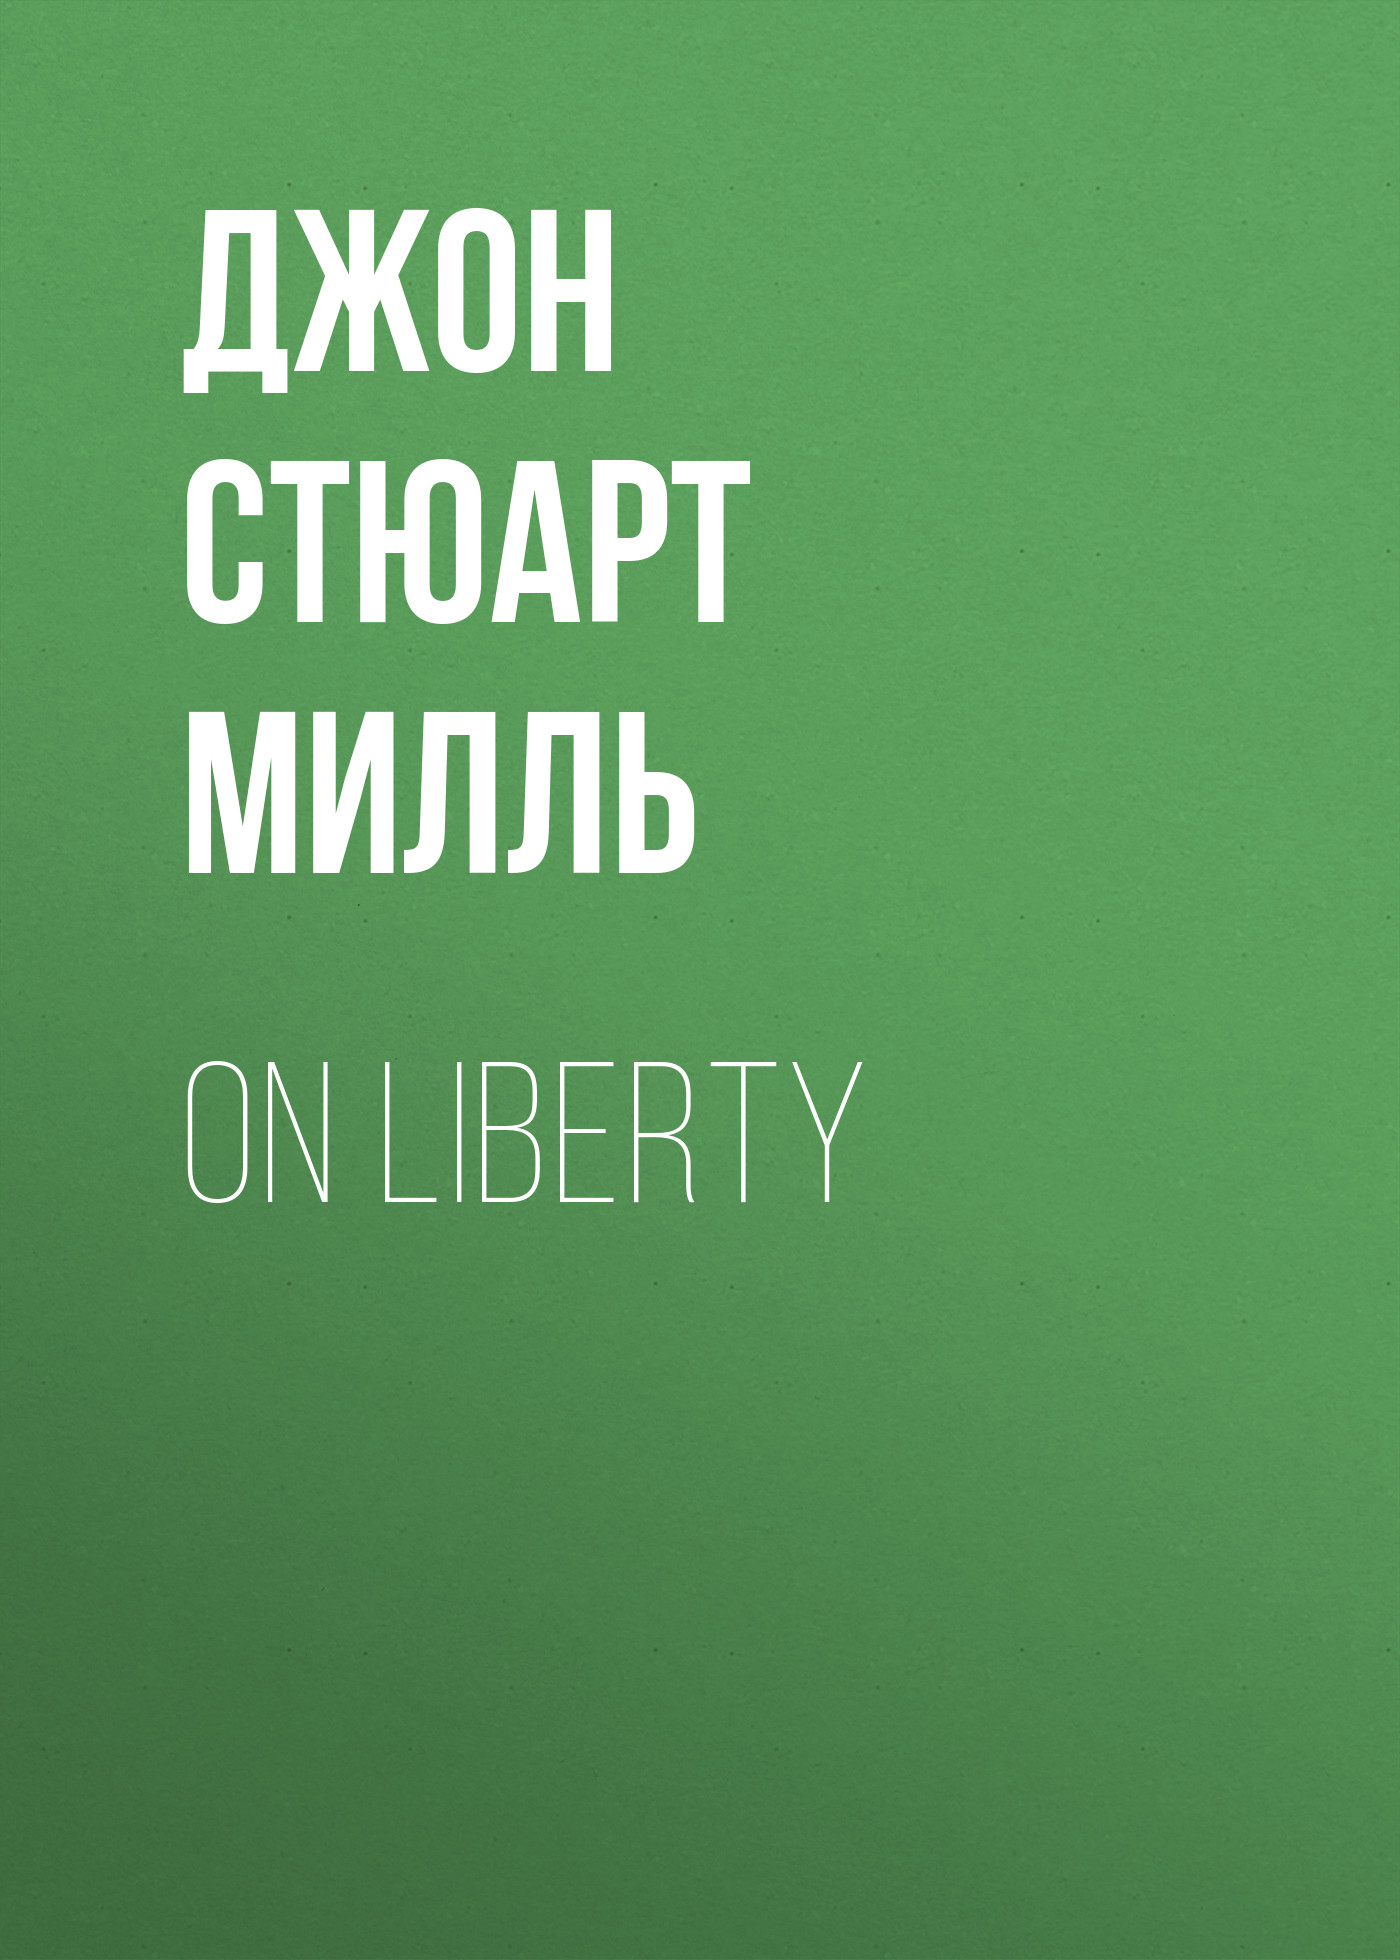 Джон Стюарт Милль On Liberty творческий коллектив шоу объект 22 джон стюарт милль